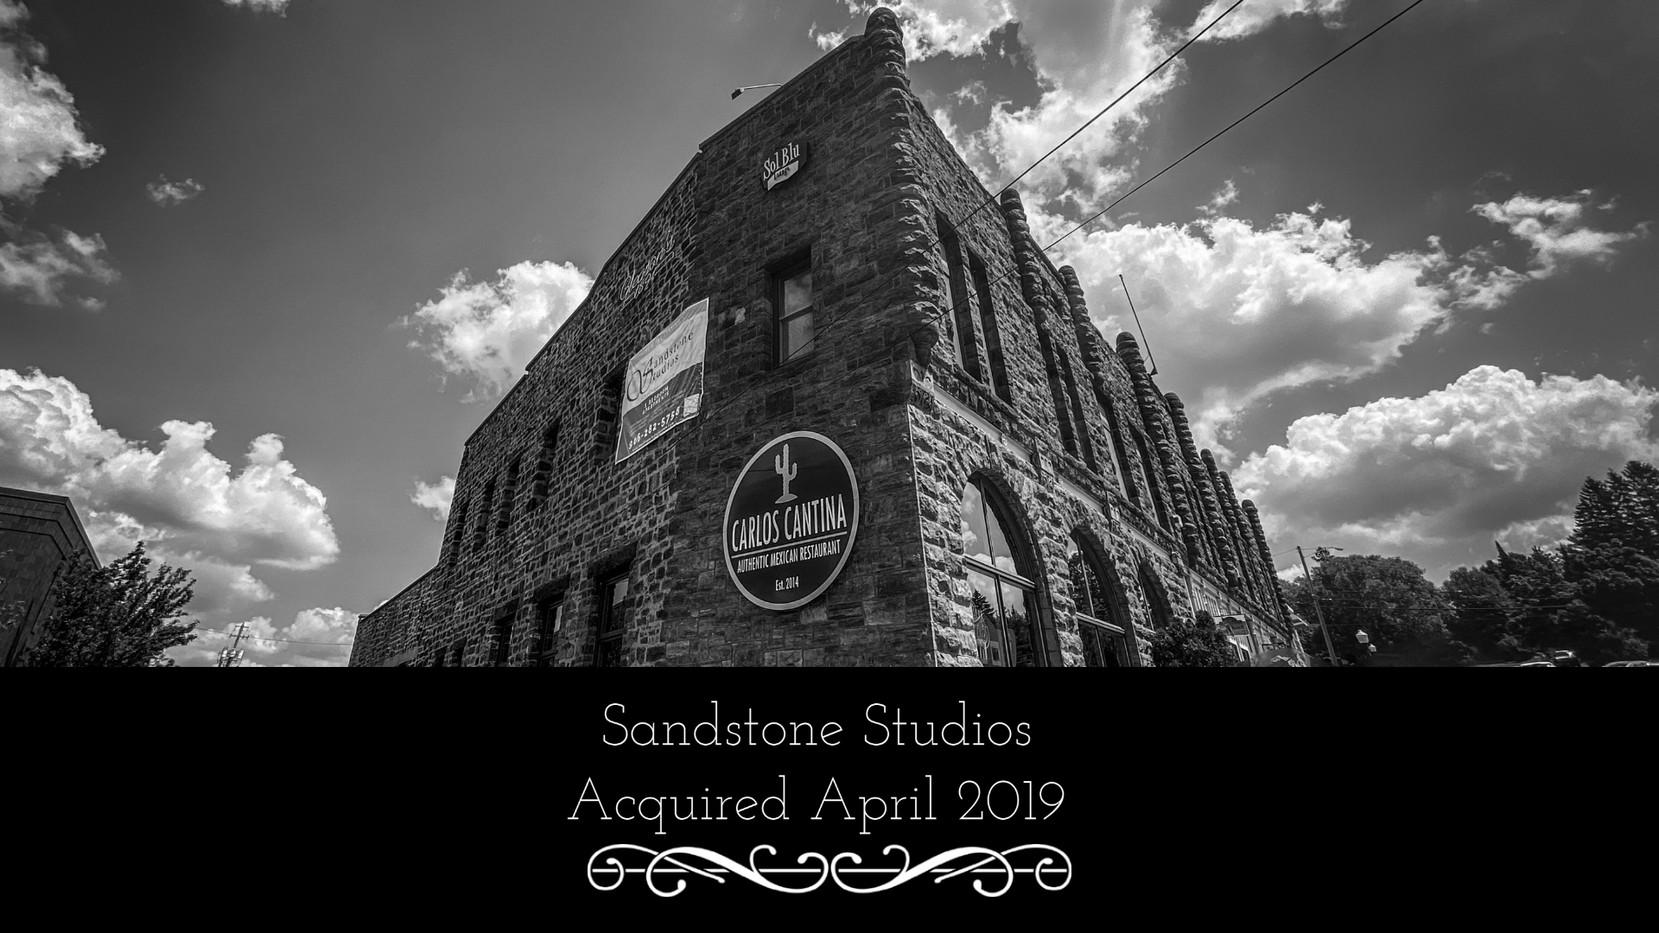 Sandstone Studios, Iron Mountain MI